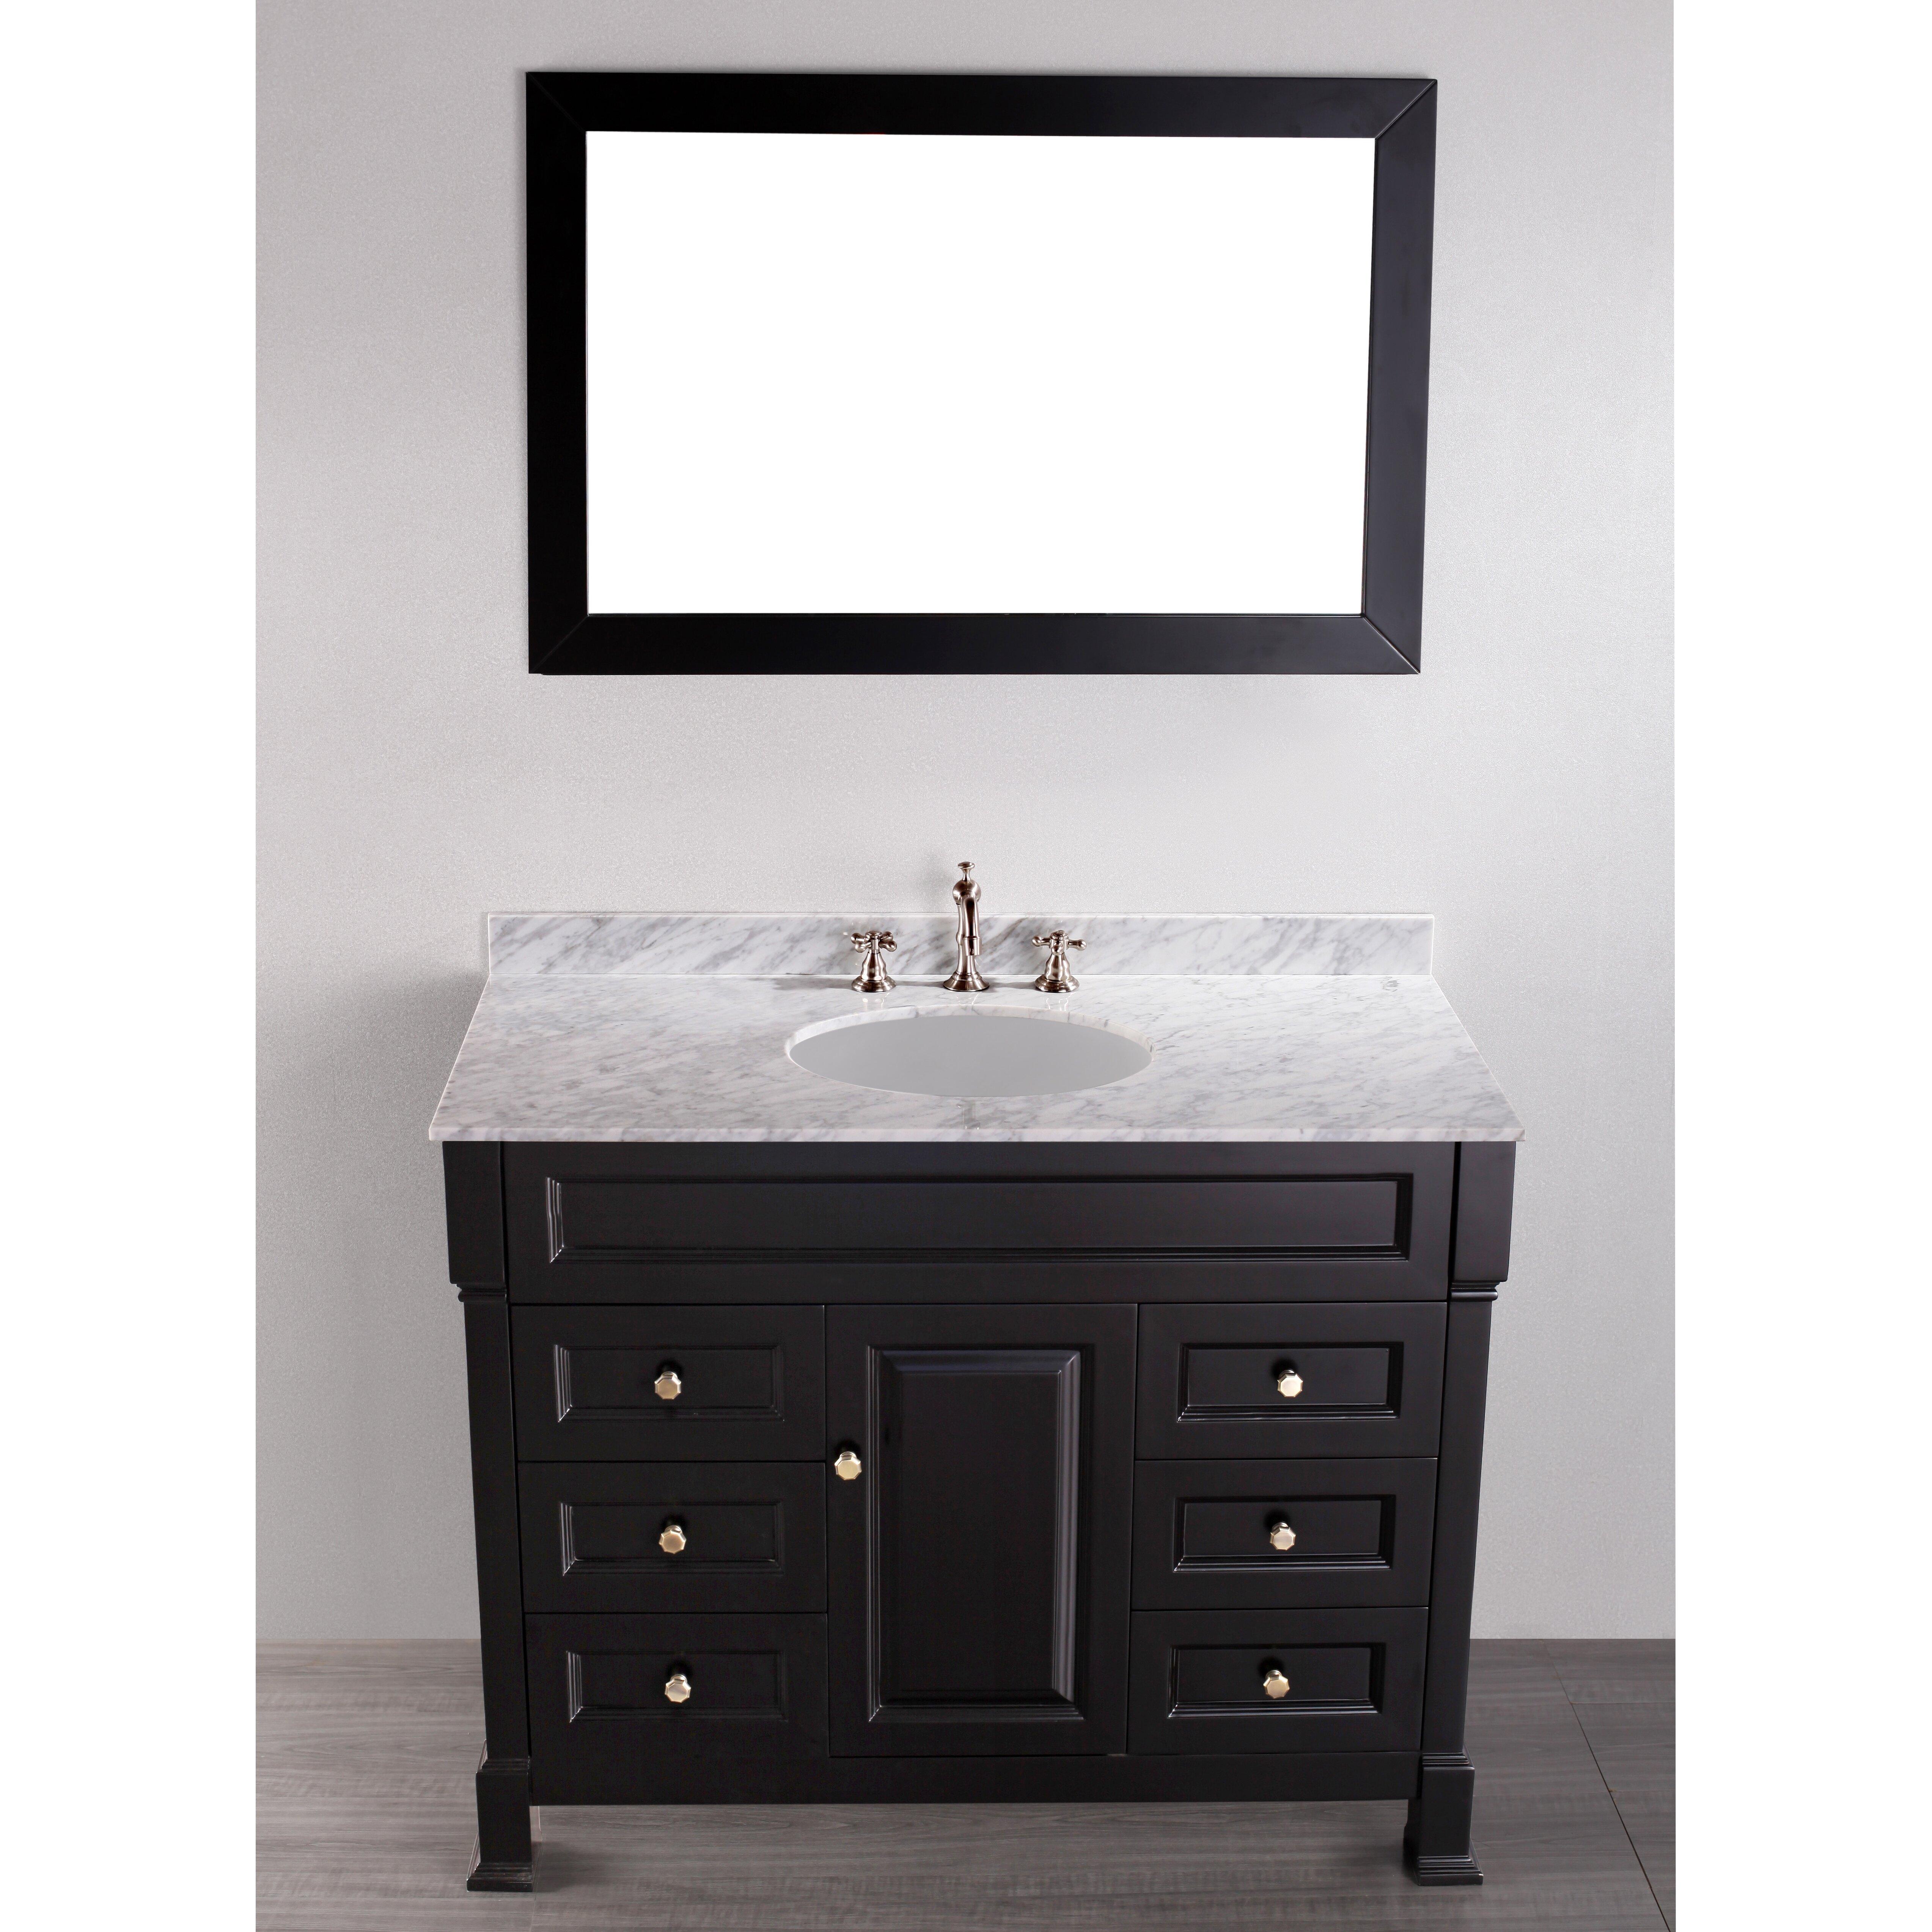 Bosconi Contemporary 43 Single Bathroom Vanity Set With Mirror Reviews Wayfair